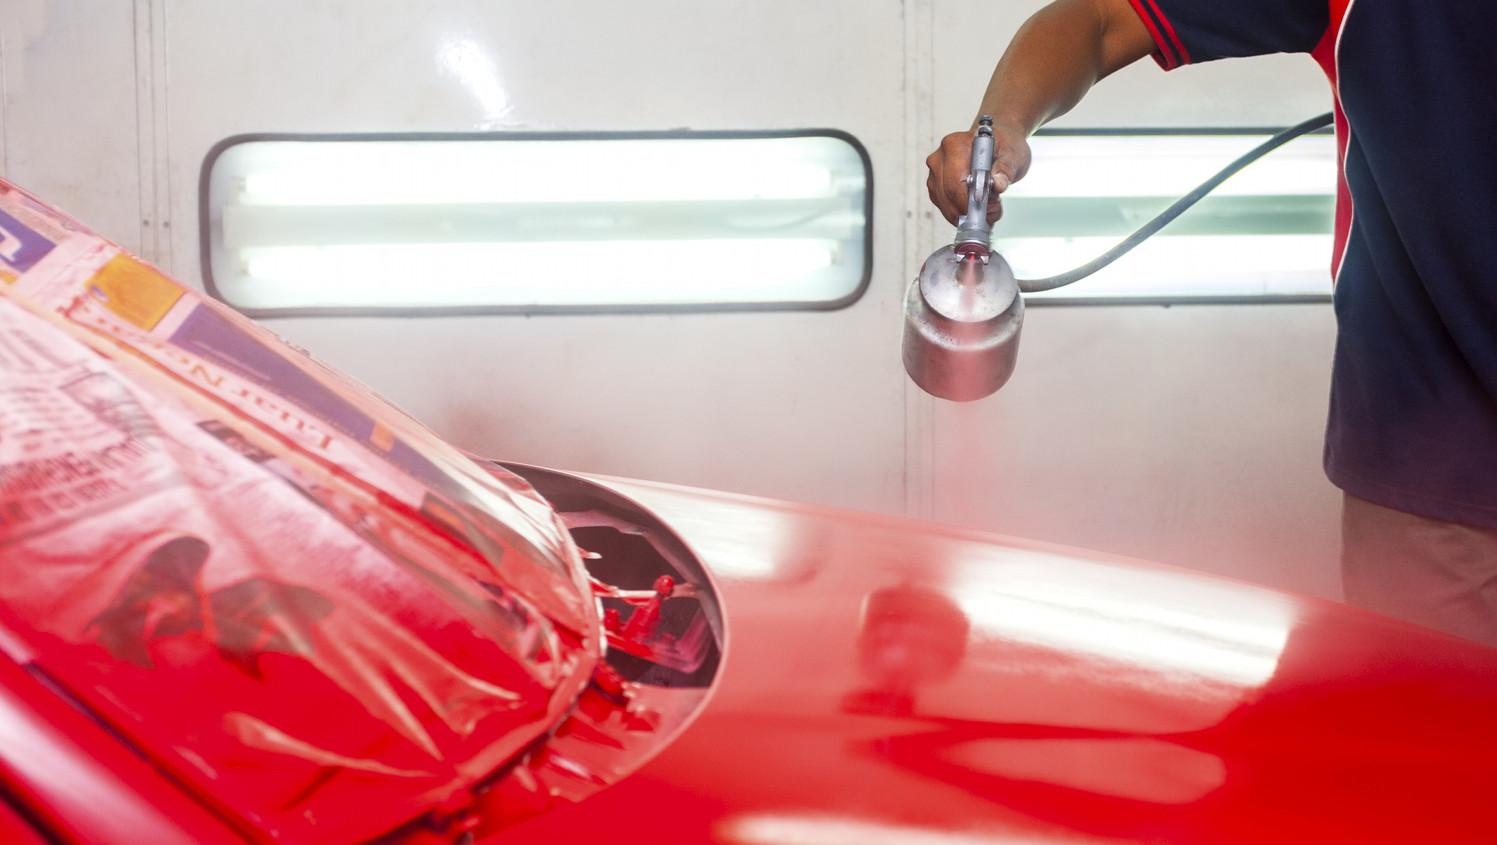 : Cómo saber si tu auto quedó bien pintado